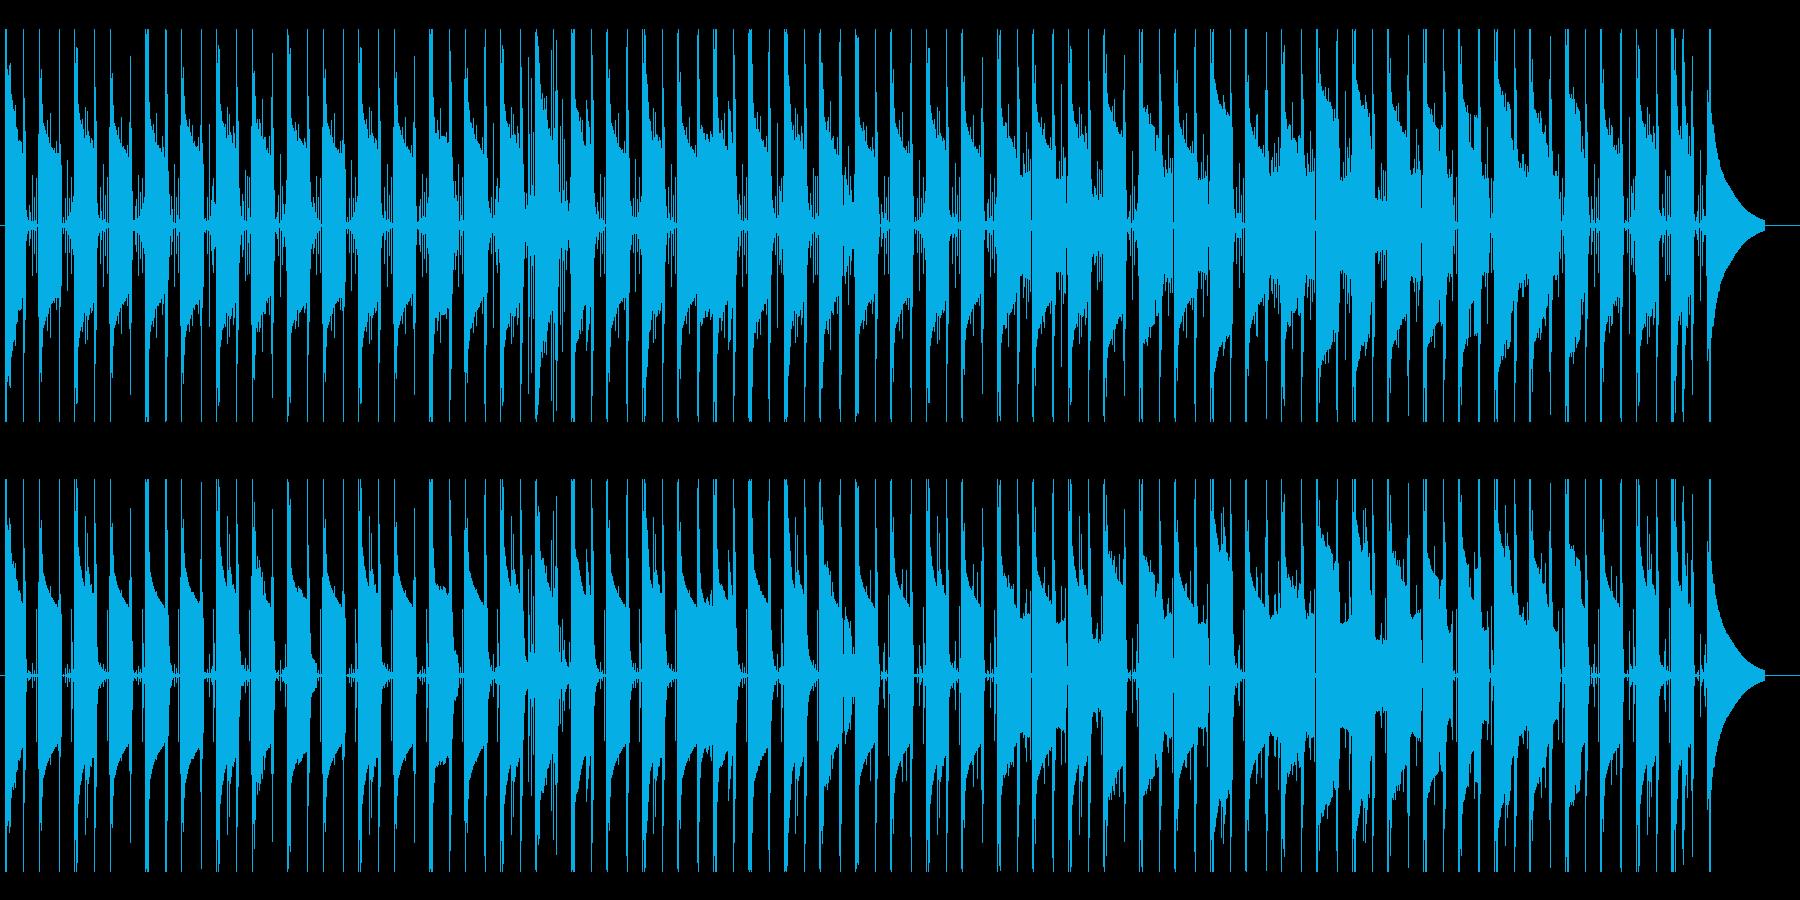 暇 倦怠感 拍子抜け やり過ごす時の曲の再生済みの波形